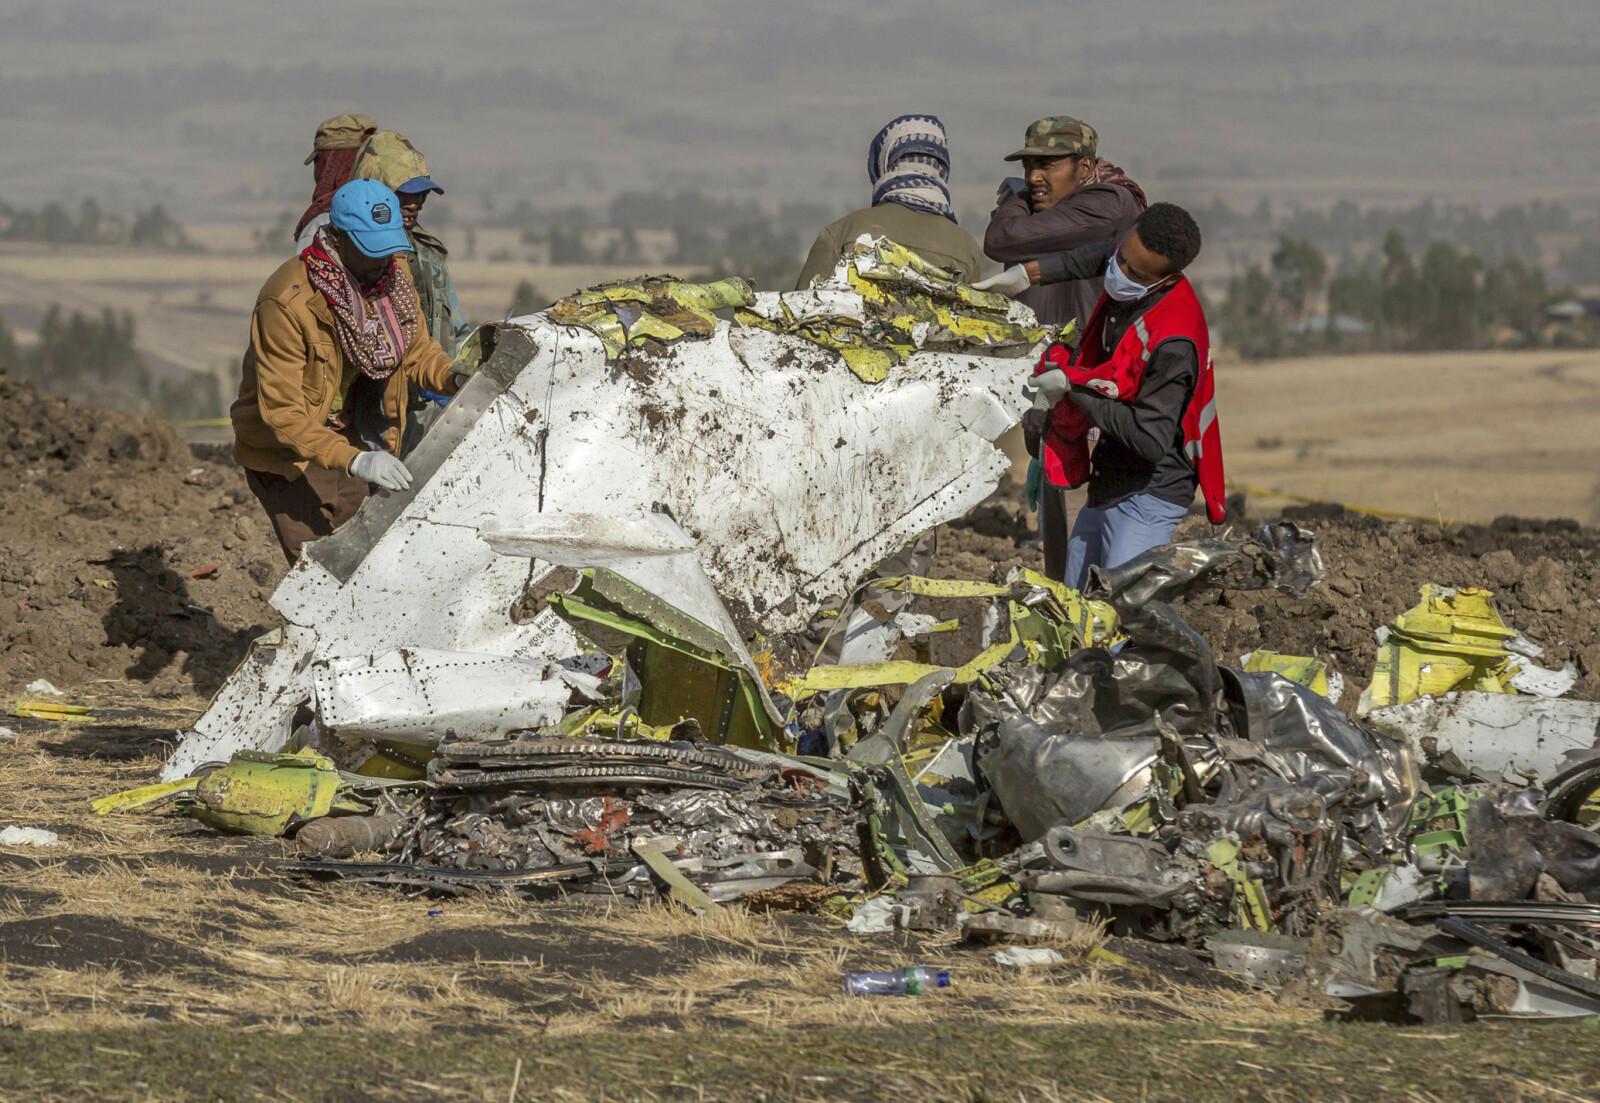 <b>HAVARISTED:</b> Pilotene på Ethiopian flight 302 forsto at det var problemer med flyets MCAS-system og slo av de riktige bryterne. Allikevel var flyet umulig å redde fra å styrte.